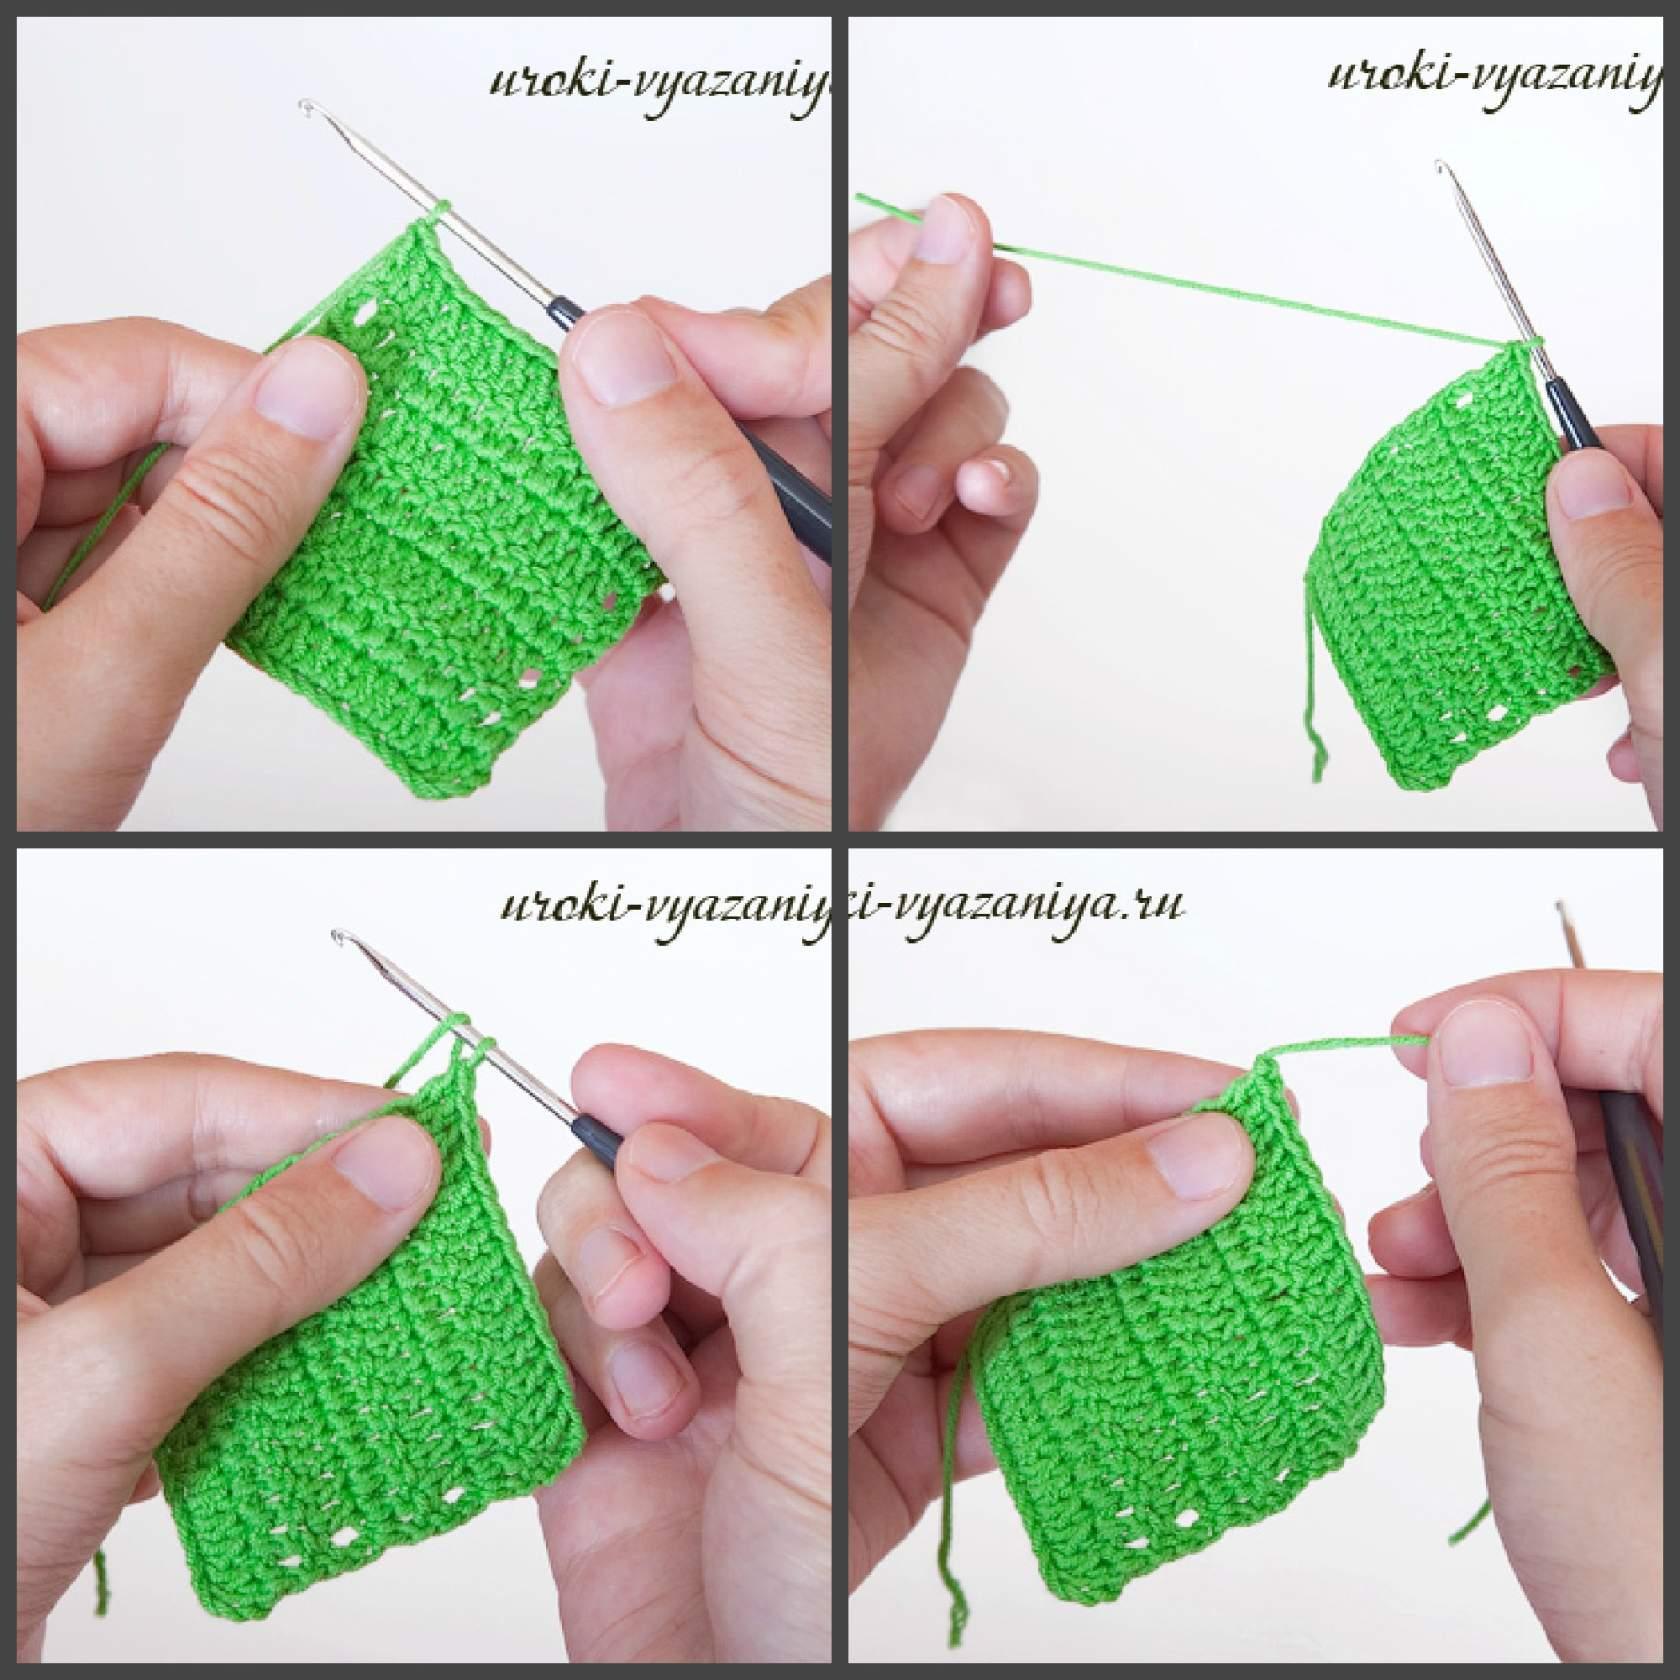 как красиво закончить вязание крючком и спрятать нить